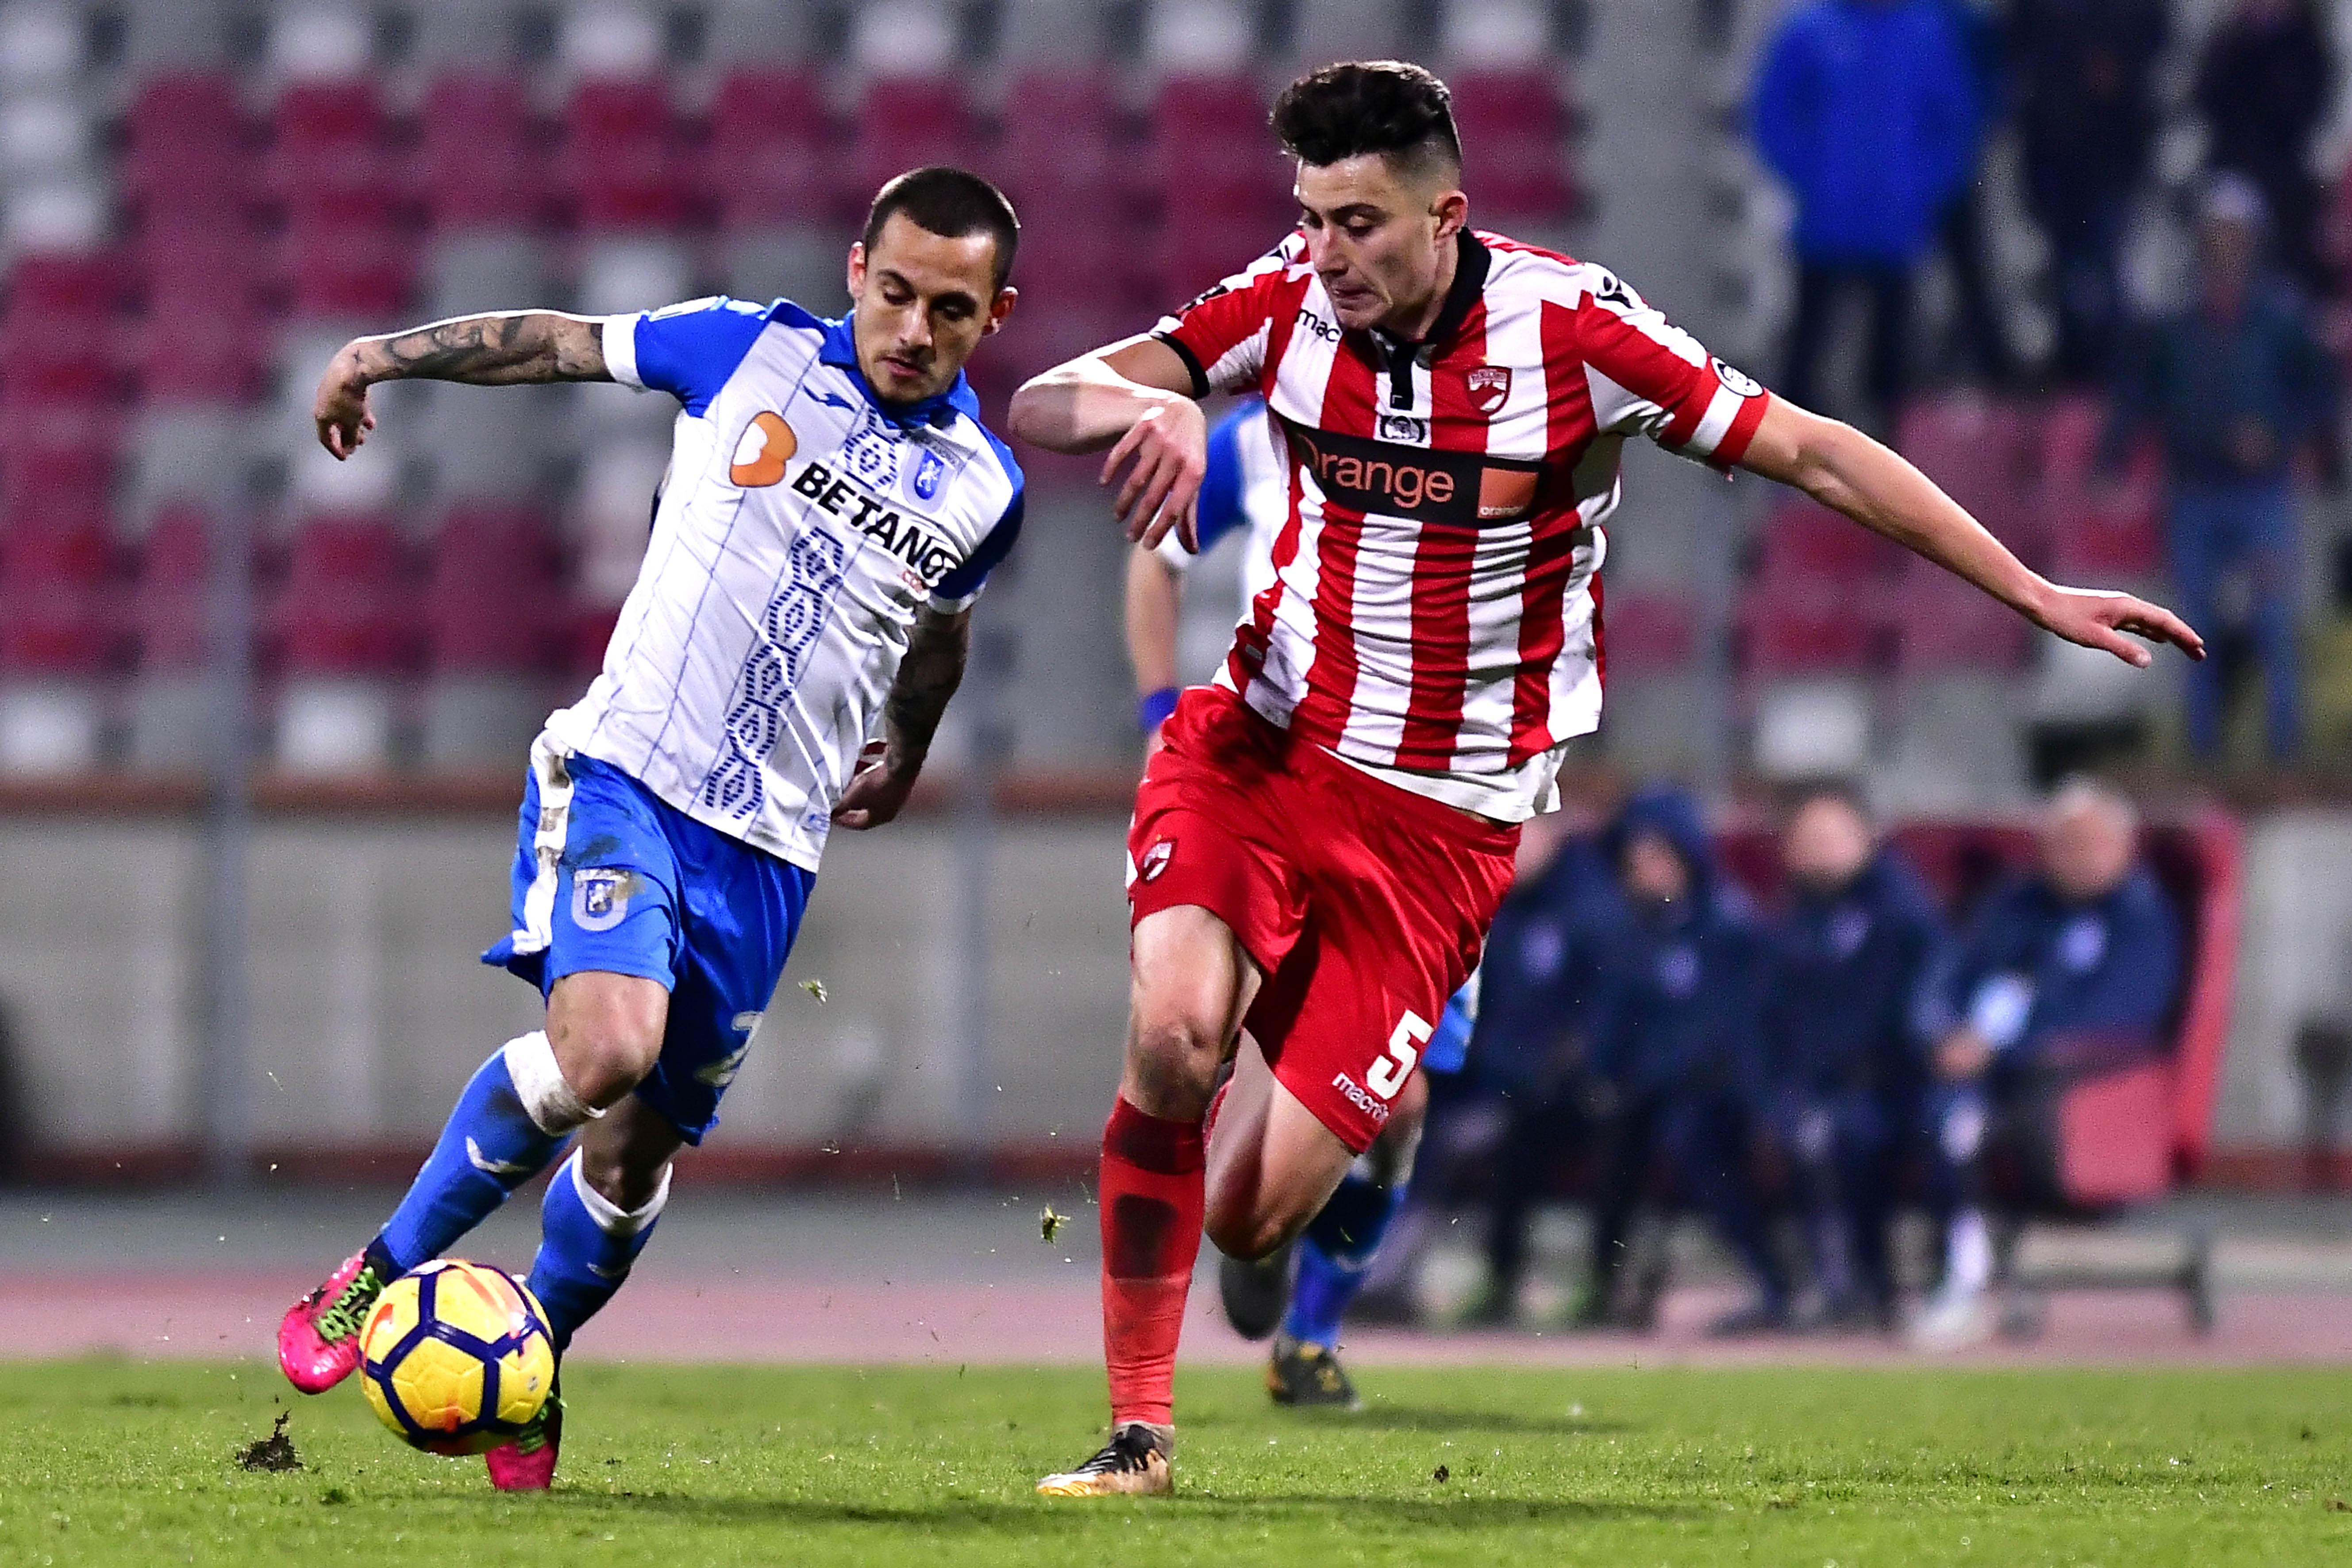 Alexandru Mitriță și Ionuț Nedelcearu în duel pentru balon într-un meci Dinamo Bucuresti - U Craiova